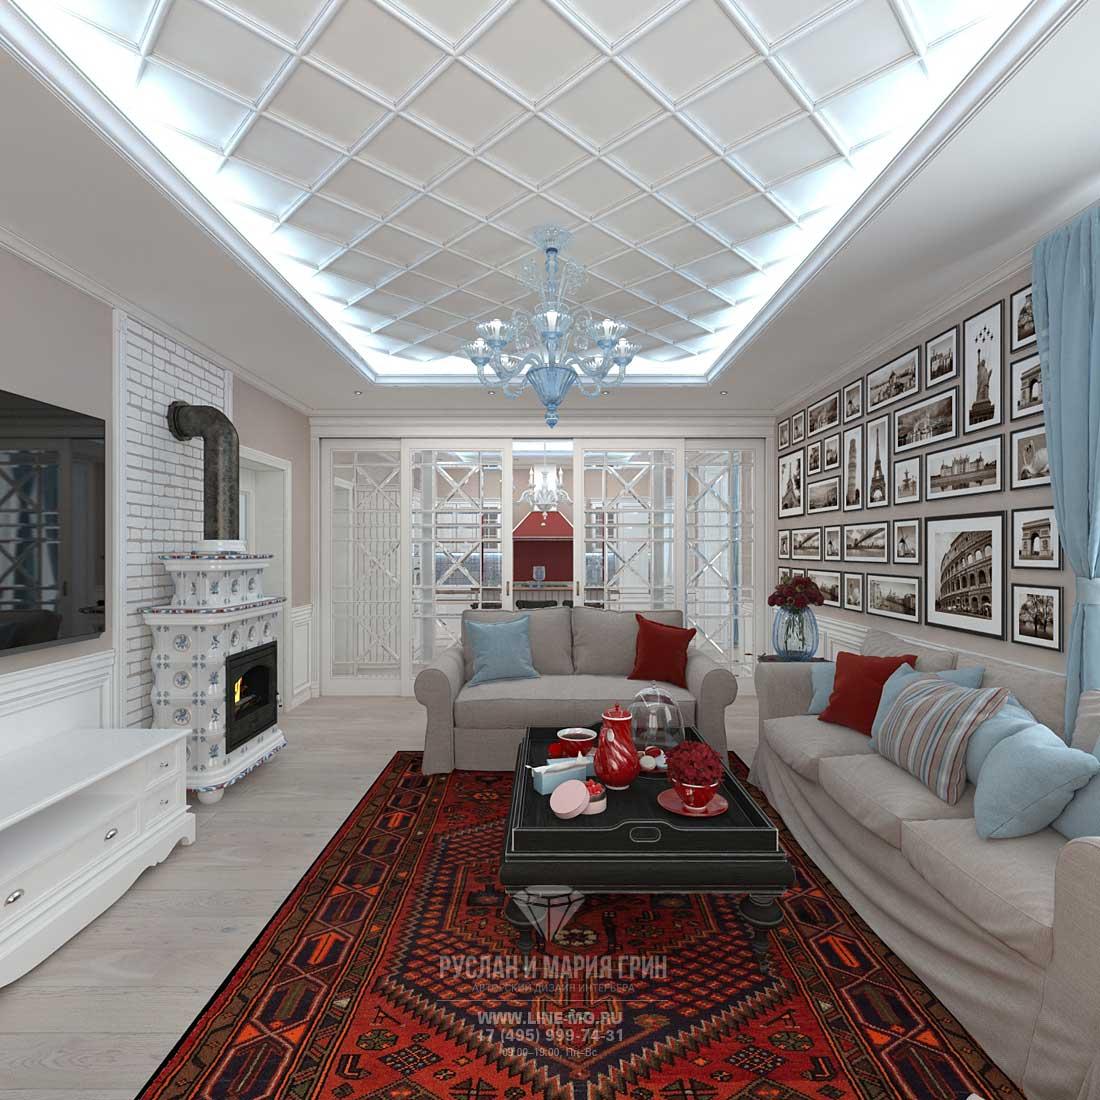 Фото интерьера гостиной с камином